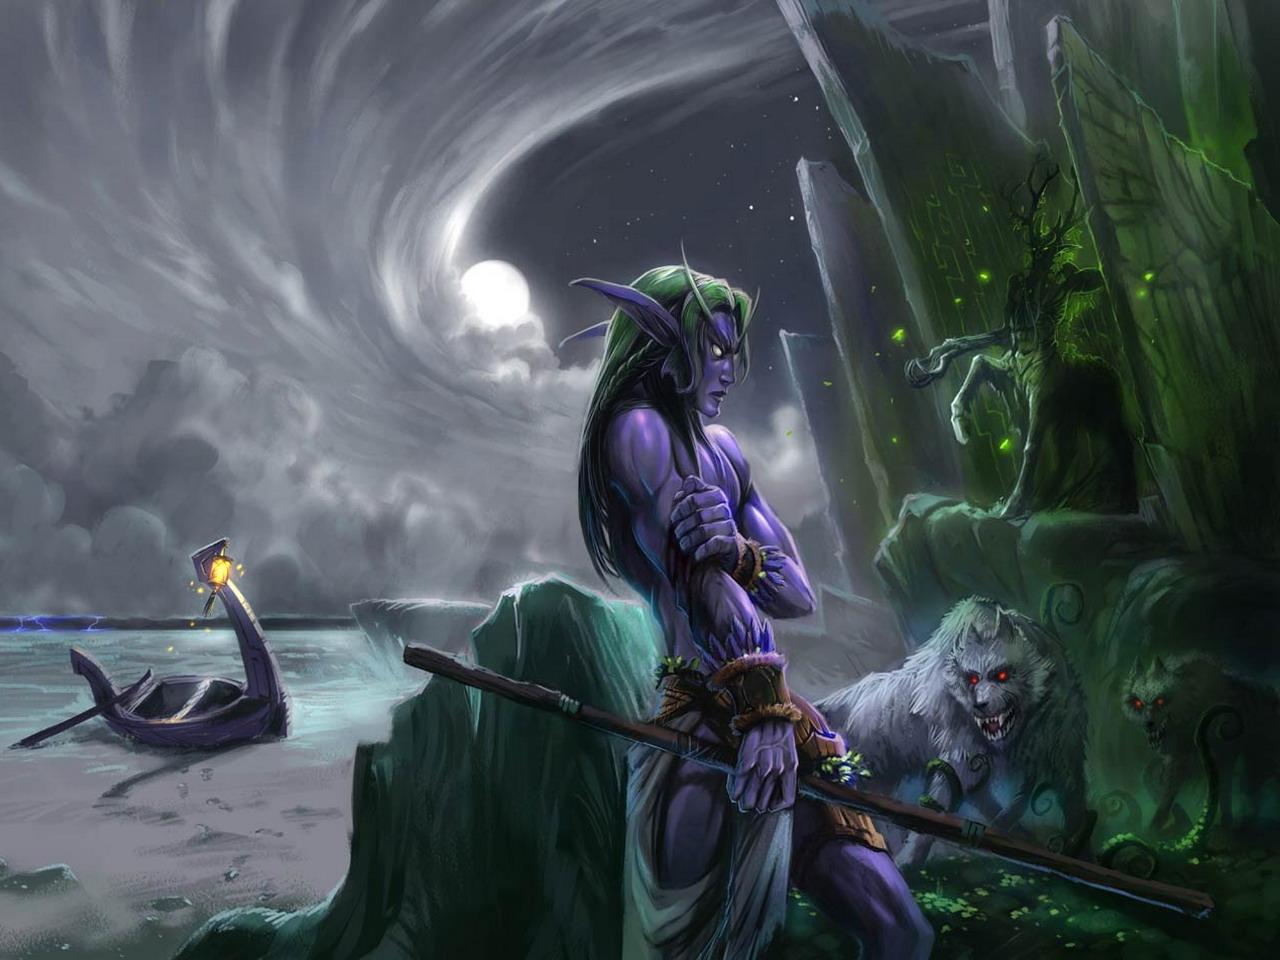 Naked druid exploited scene